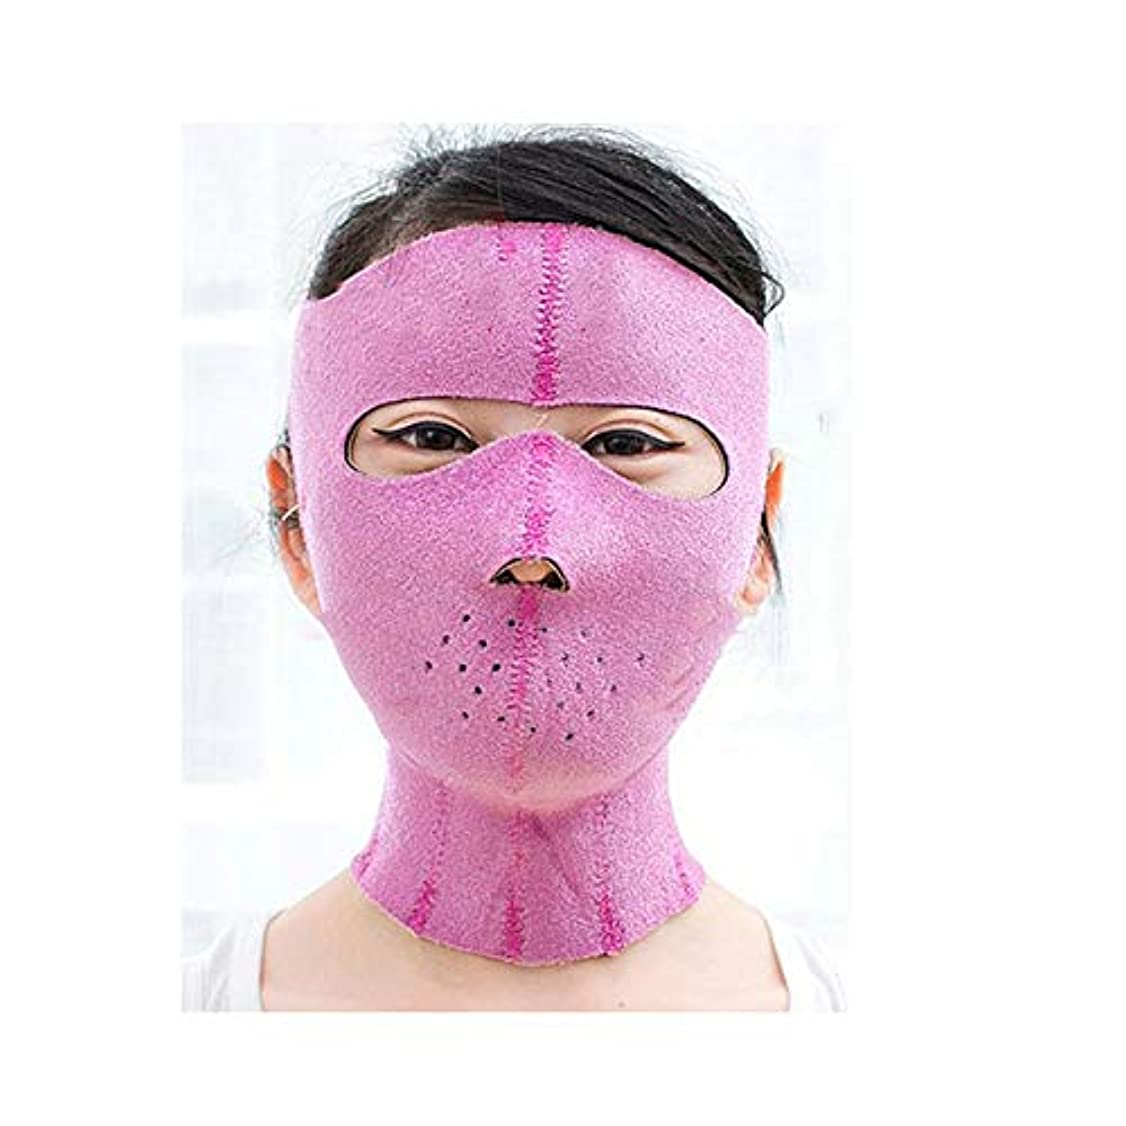 氷検出器微生物フェイスリフティングサウナマスク、ウィッキングフェイス包帯/スモールフェイスアーチファクト/フェイスマスク(ピンク)